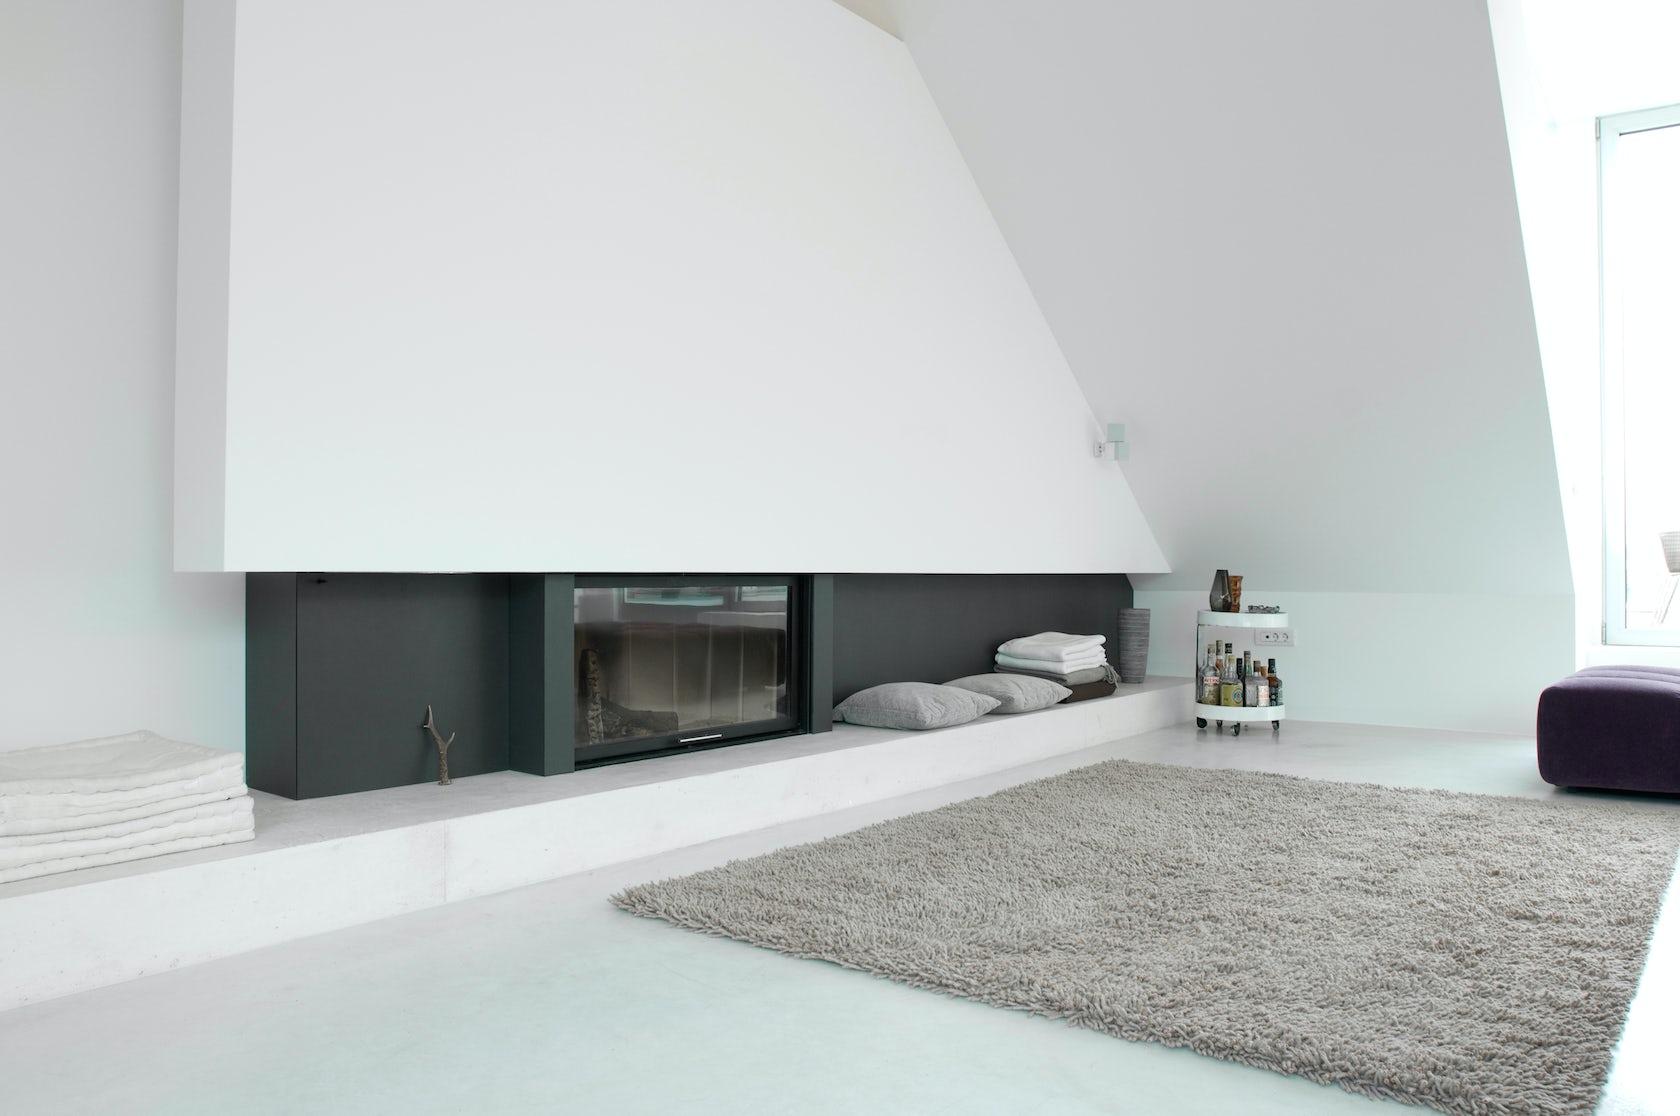 Penthouse S on Architizer